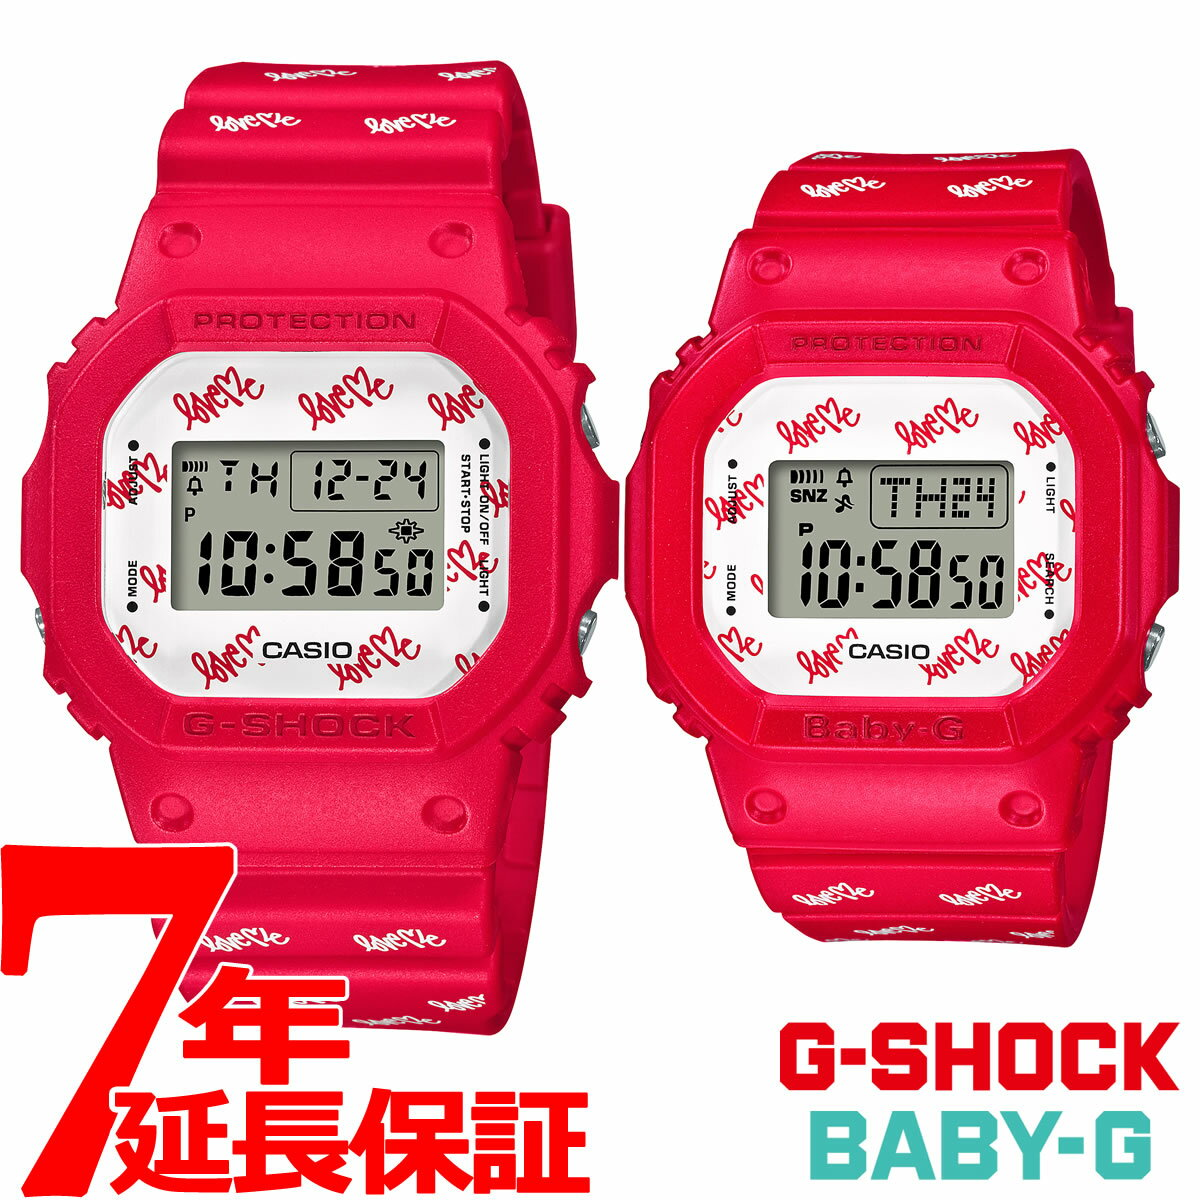 腕時計, メンズ腕時計 2000OFF54.5 CASIO 2020 G G-SHOCK G BABY-G LOV-20B-4JR2020